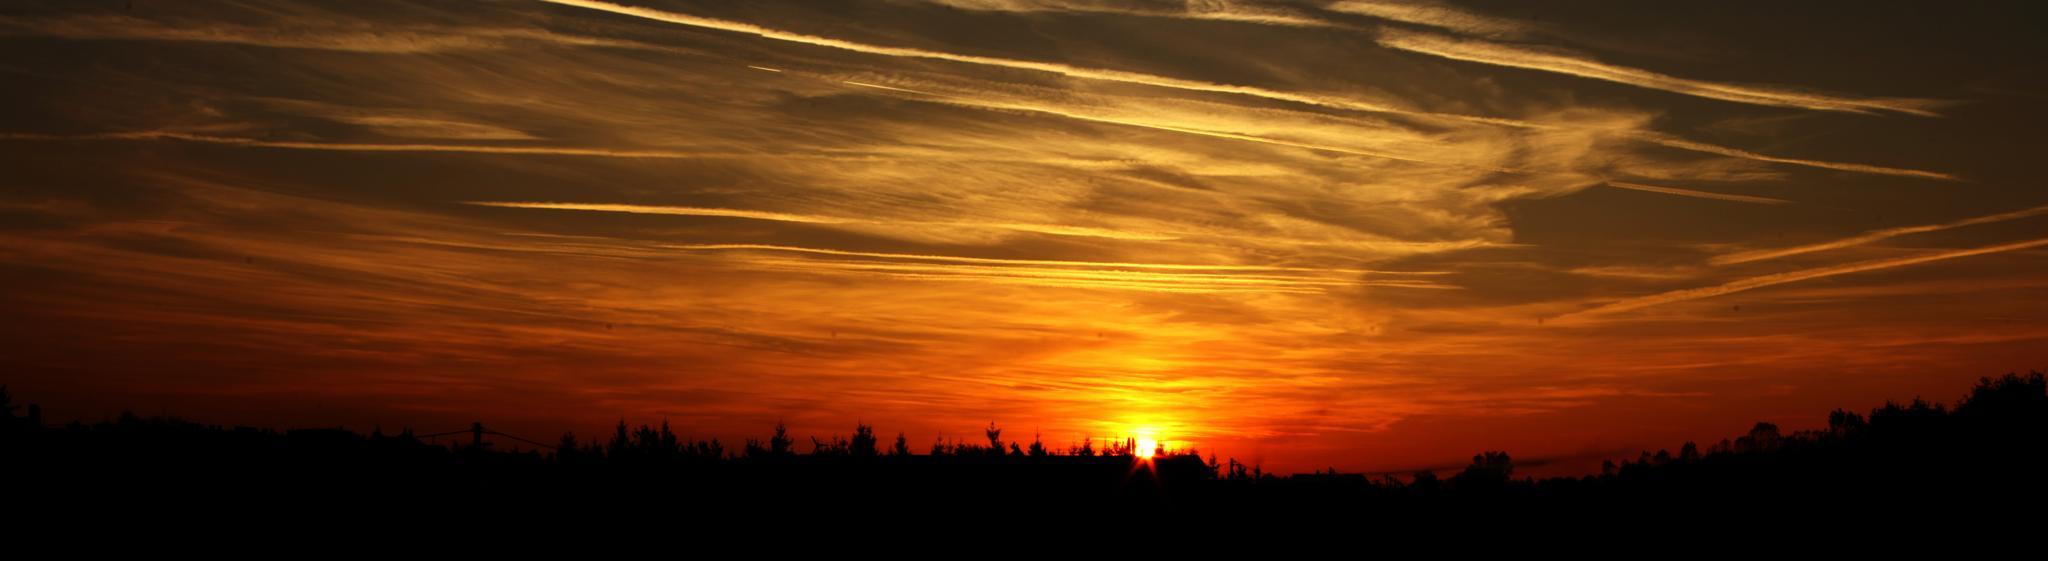 sunset - Balassagyarmat, Hungary by Sevoir